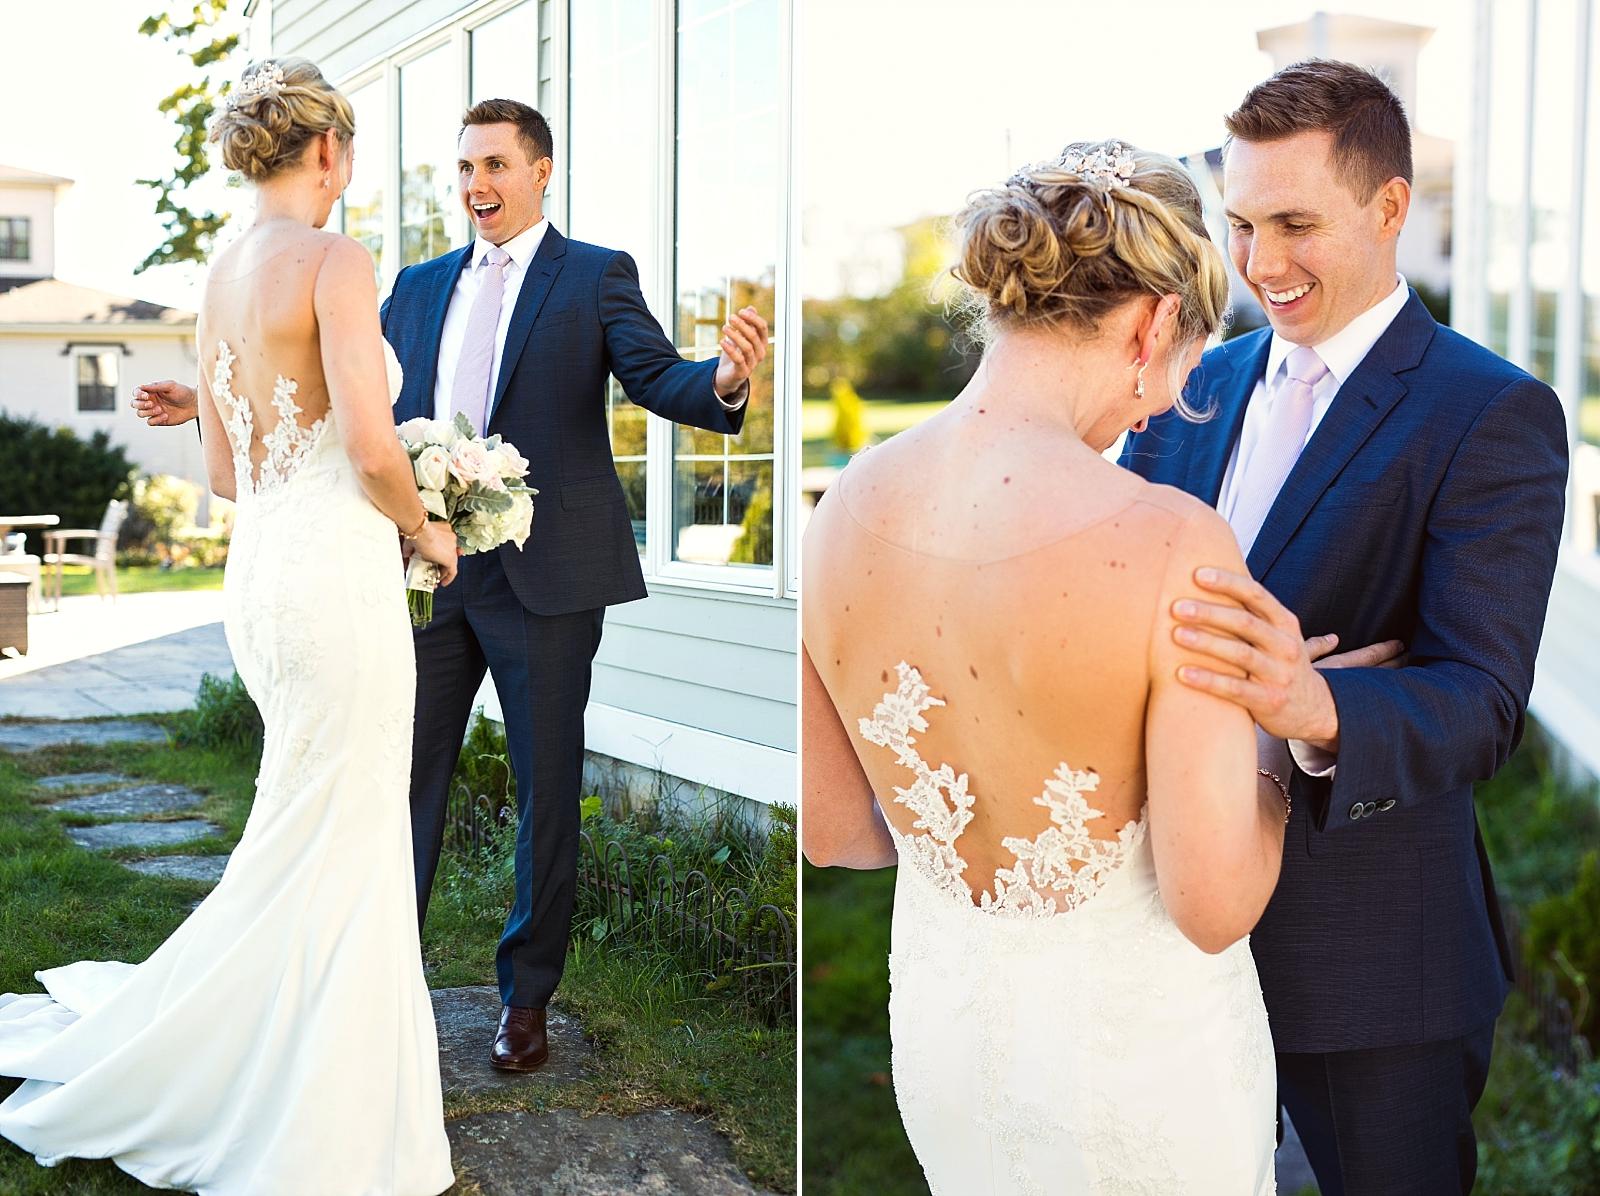 CT_Wedding_Photographer_BeLo_16.jpg